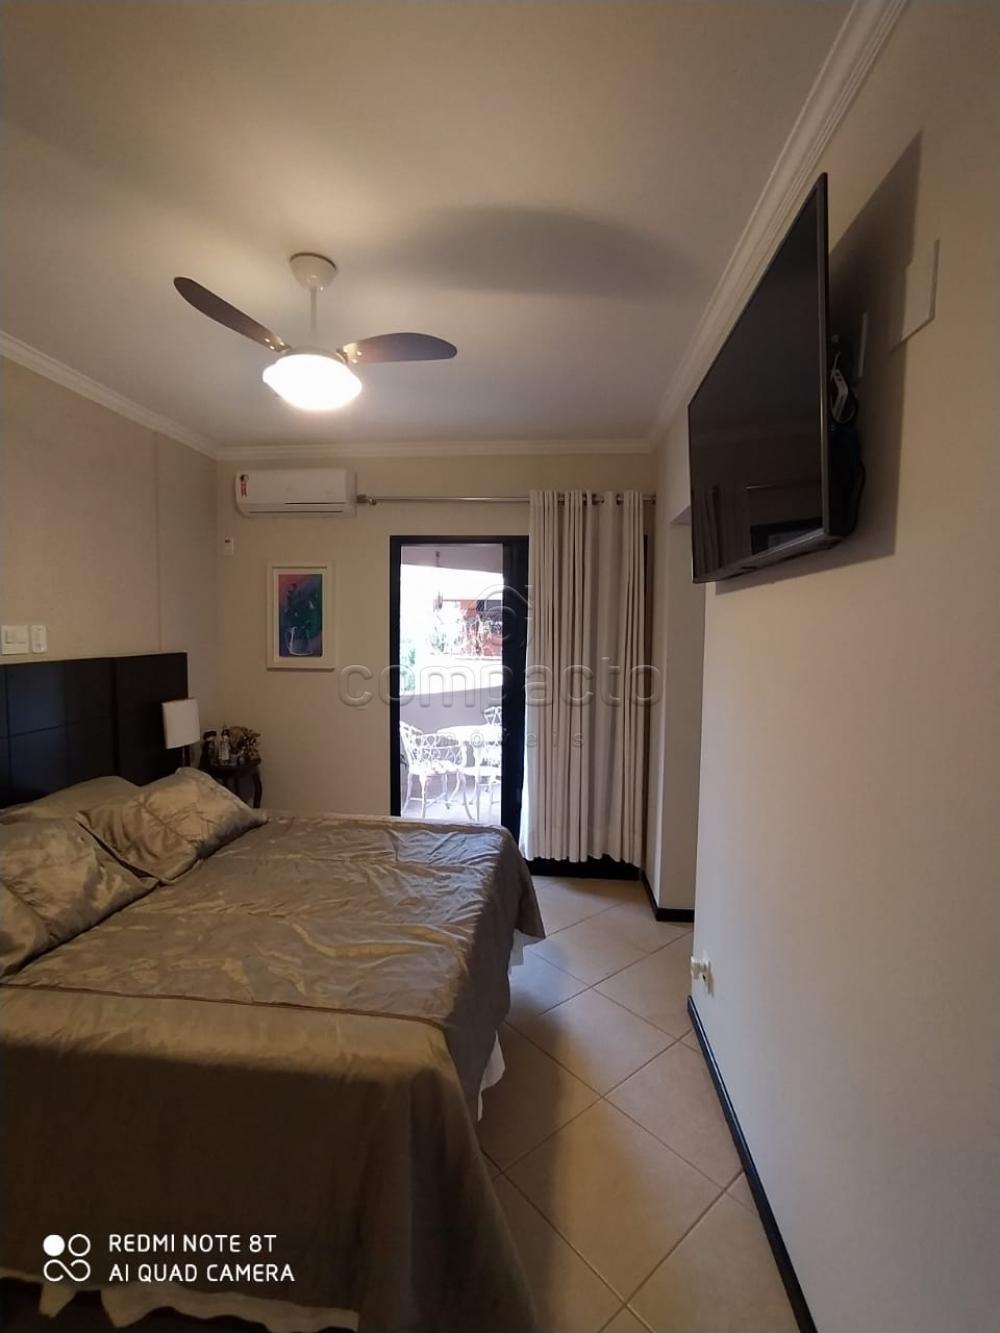 Comprar Apartamento / Padrão em São José do Rio Preto apenas R$ 615.000,00 - Foto 10